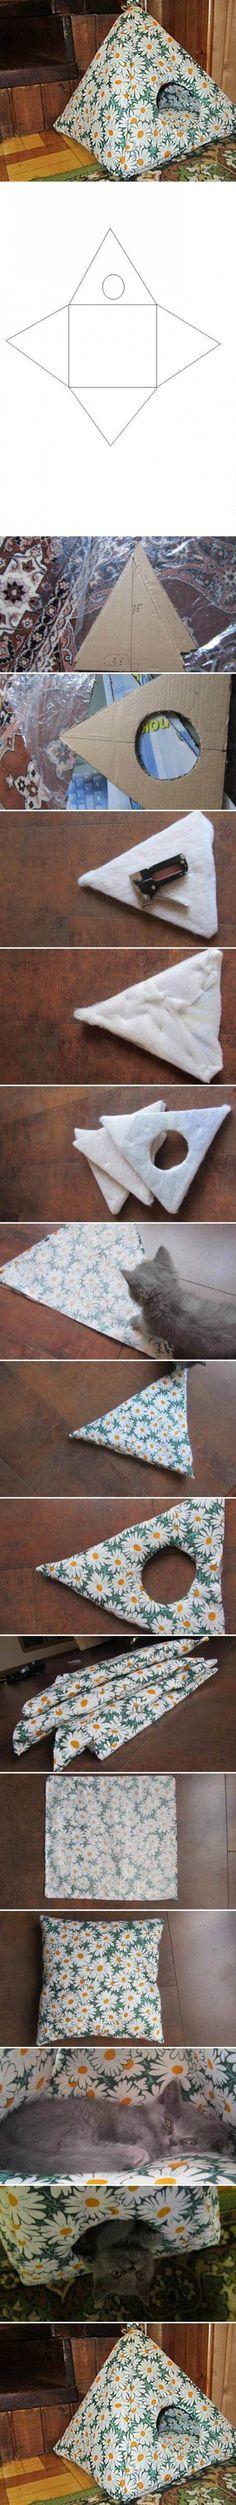 tuto panier pour chaton